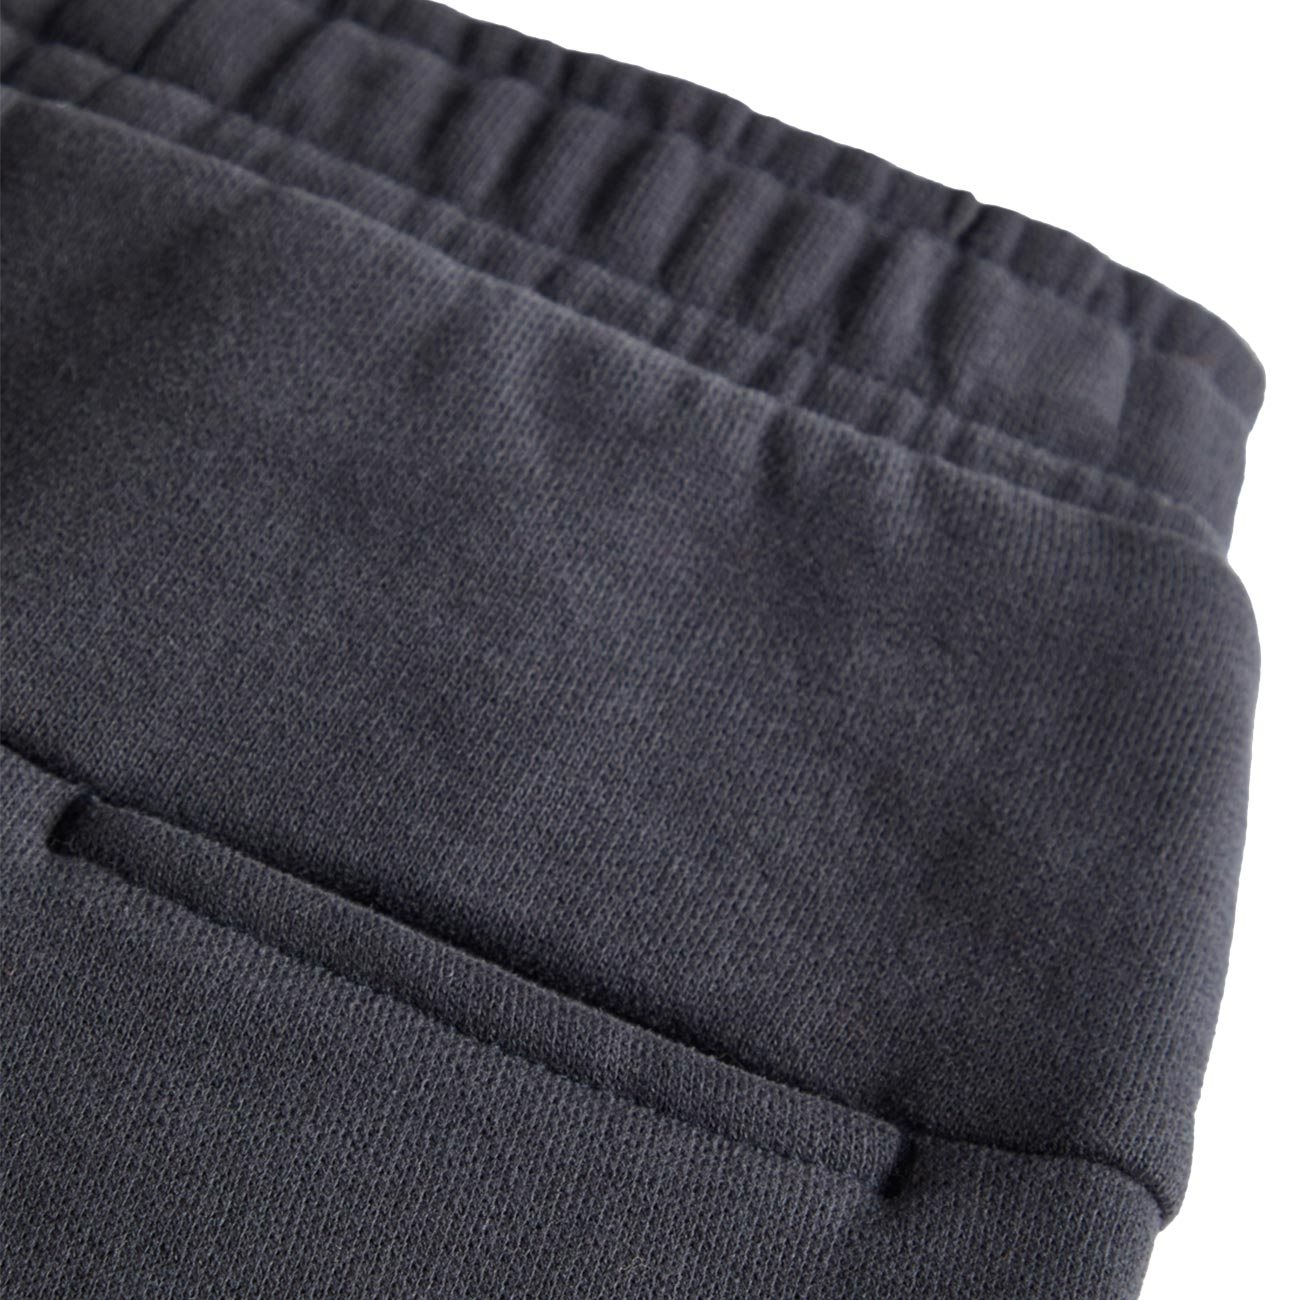 Lil Atelier sweatpants